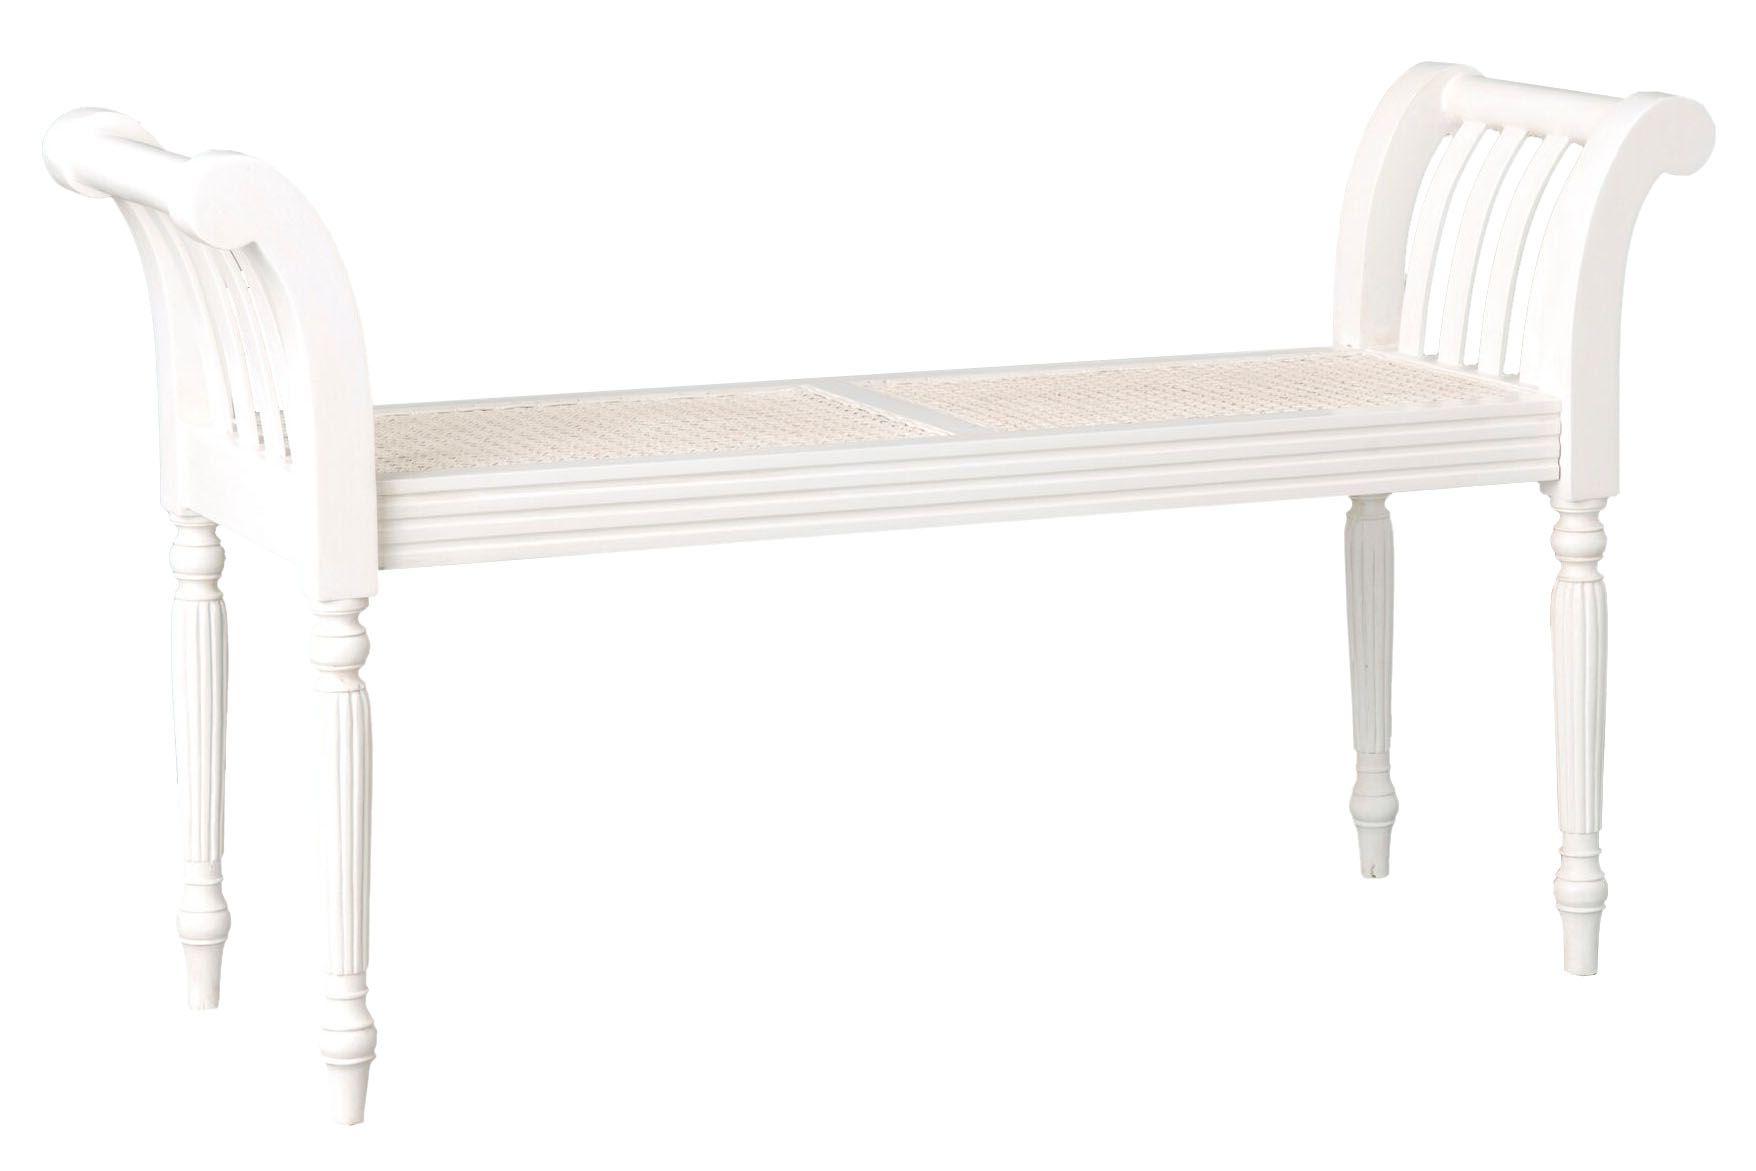 Banc Bout De Lit Bois Et Cannage Blanc Mobilier De Salon Cannage Decoration Maison